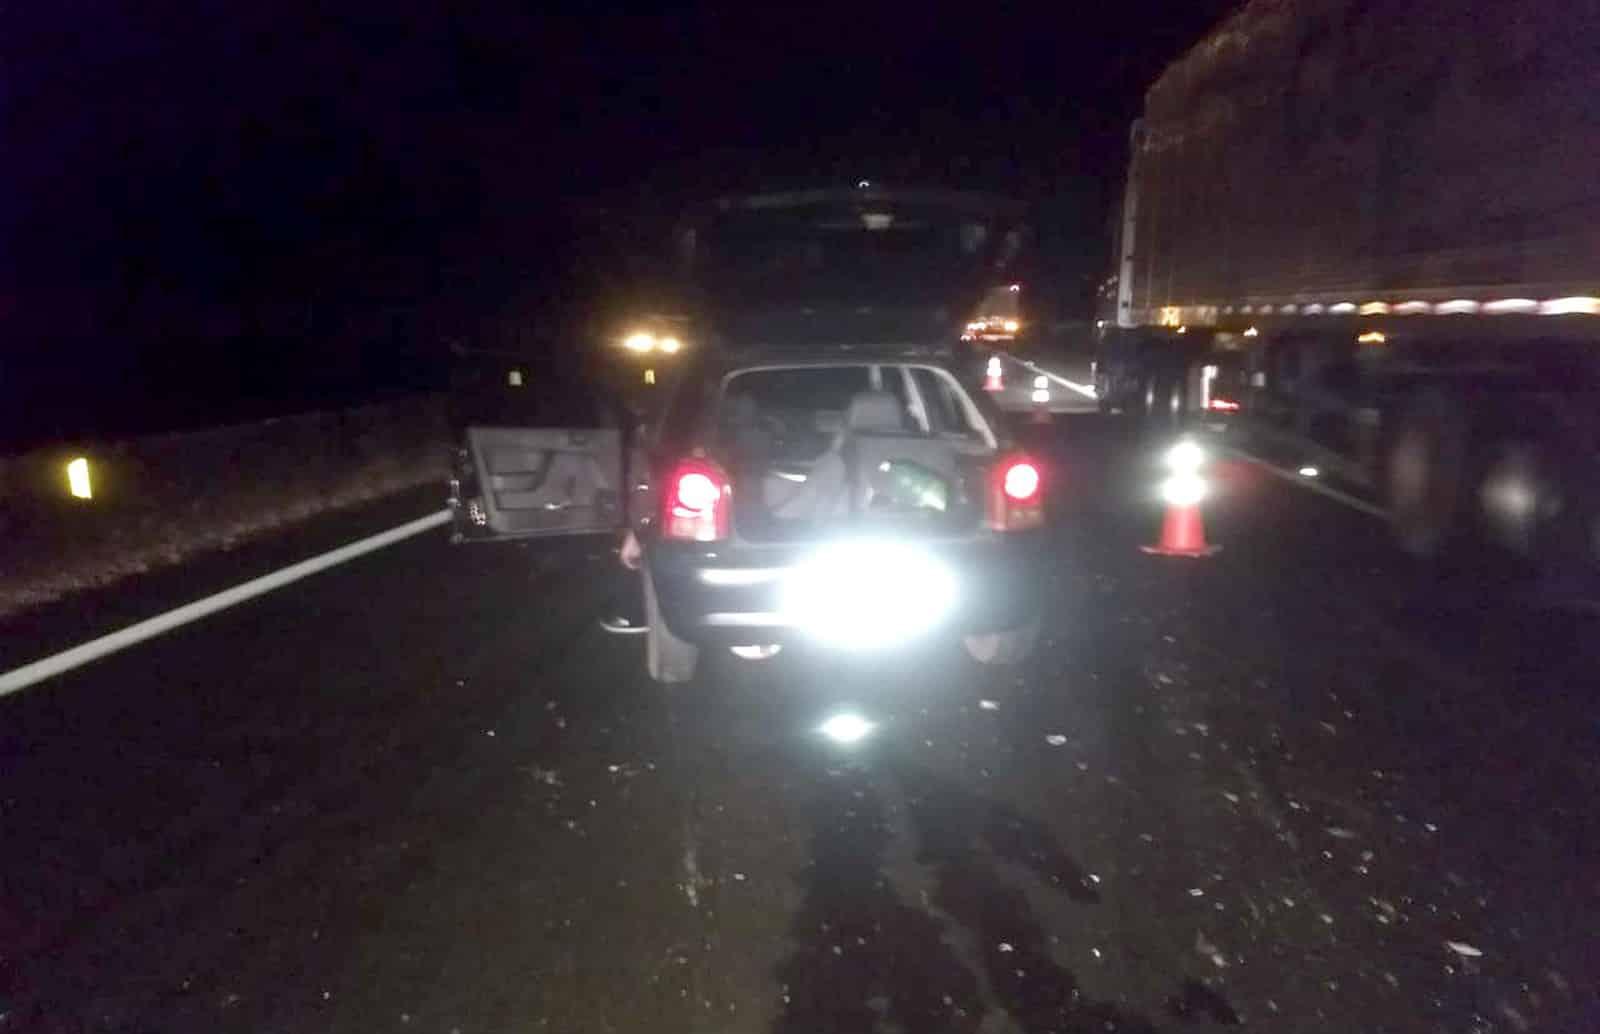 Acidente aconteceu no quilômetro 437 da Rodovia Raposo Tavares, em Assis (Foto: Ricardo Oliveira/The Brothers/Divulgação)